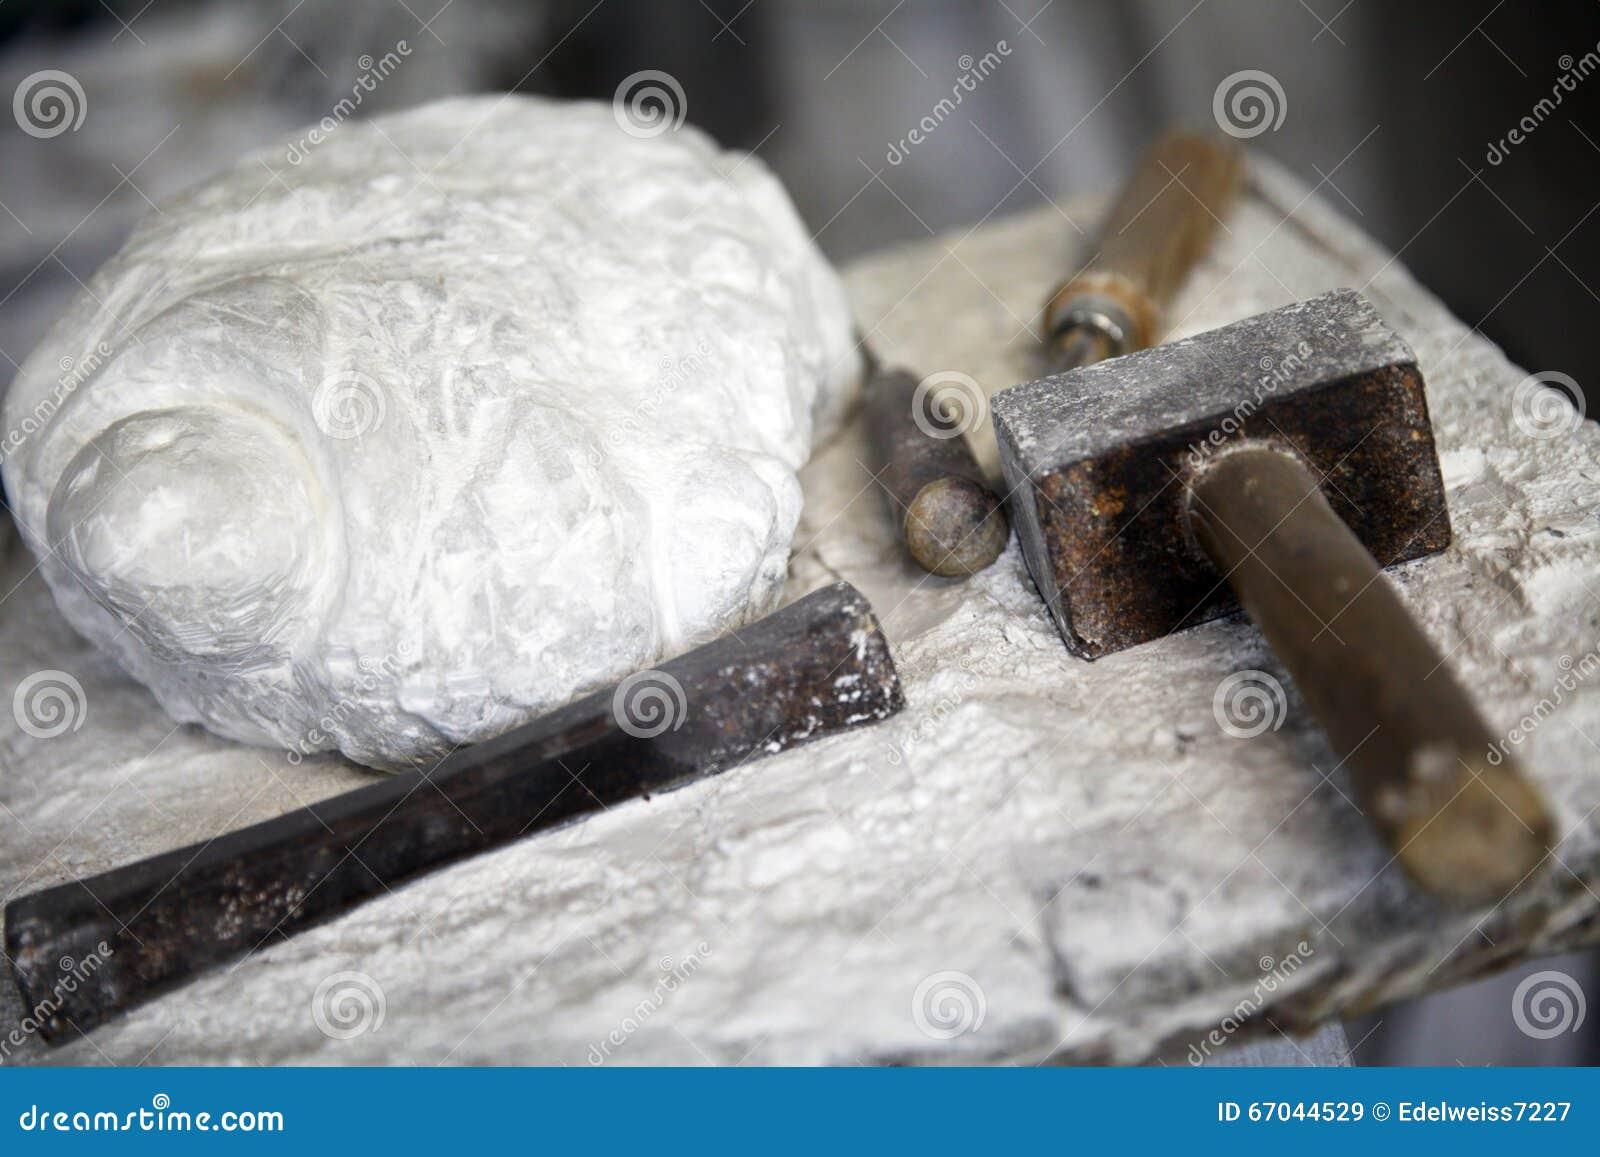 Piedra y herramientas del alabastro para trabajar foto de - Herramientas para piedra ...